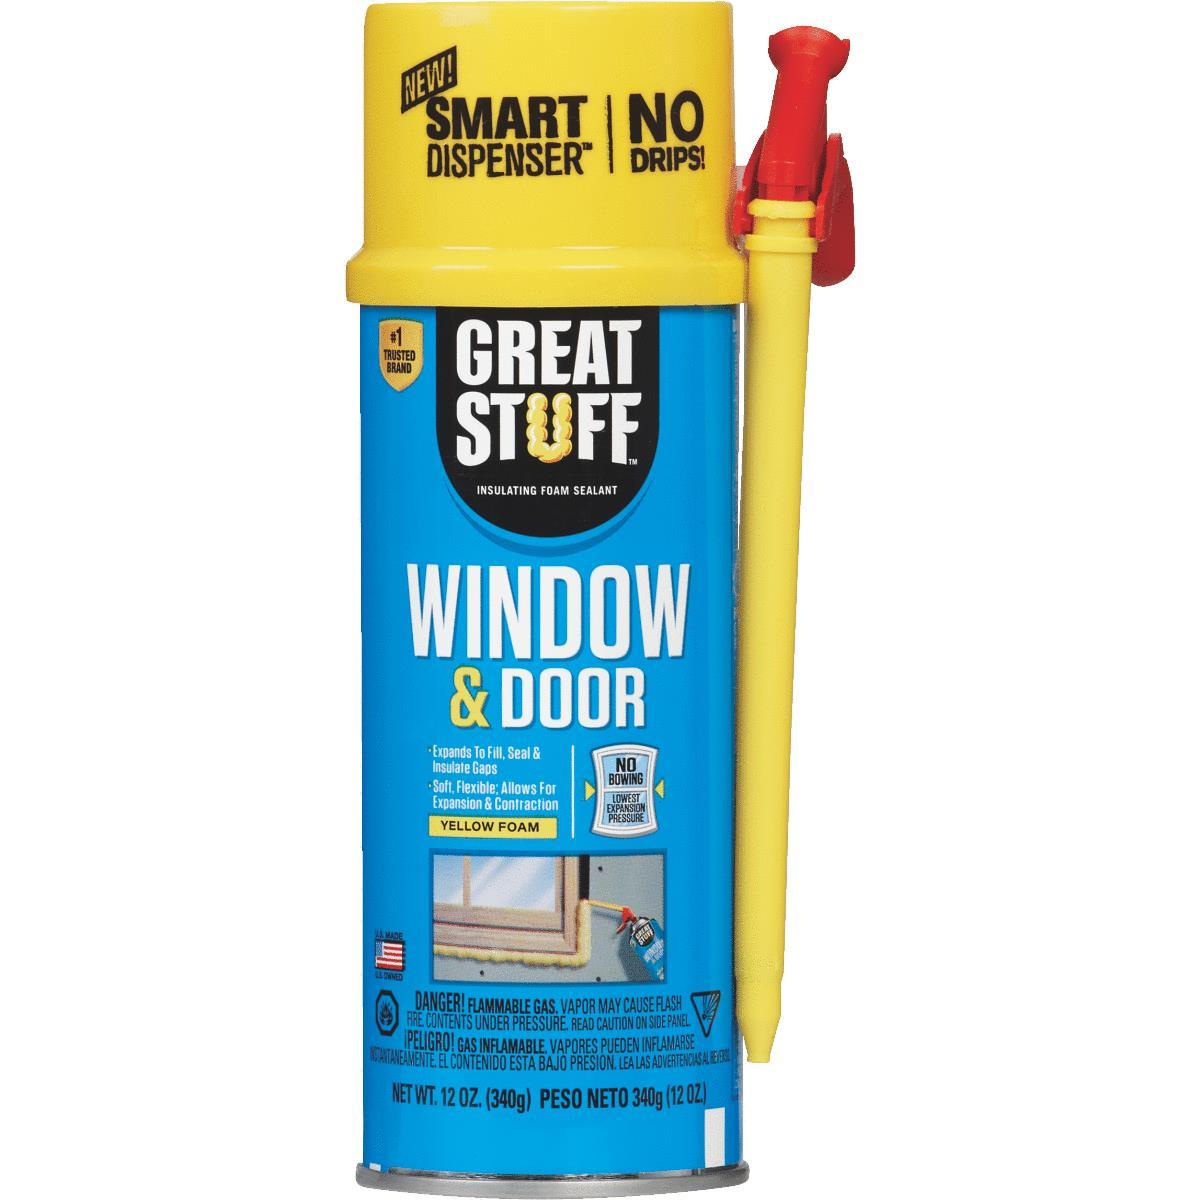 GREAT STUFF Smart Dispenser Window & Door Insulating Foam Sealant 12 Oz ,  Yellow